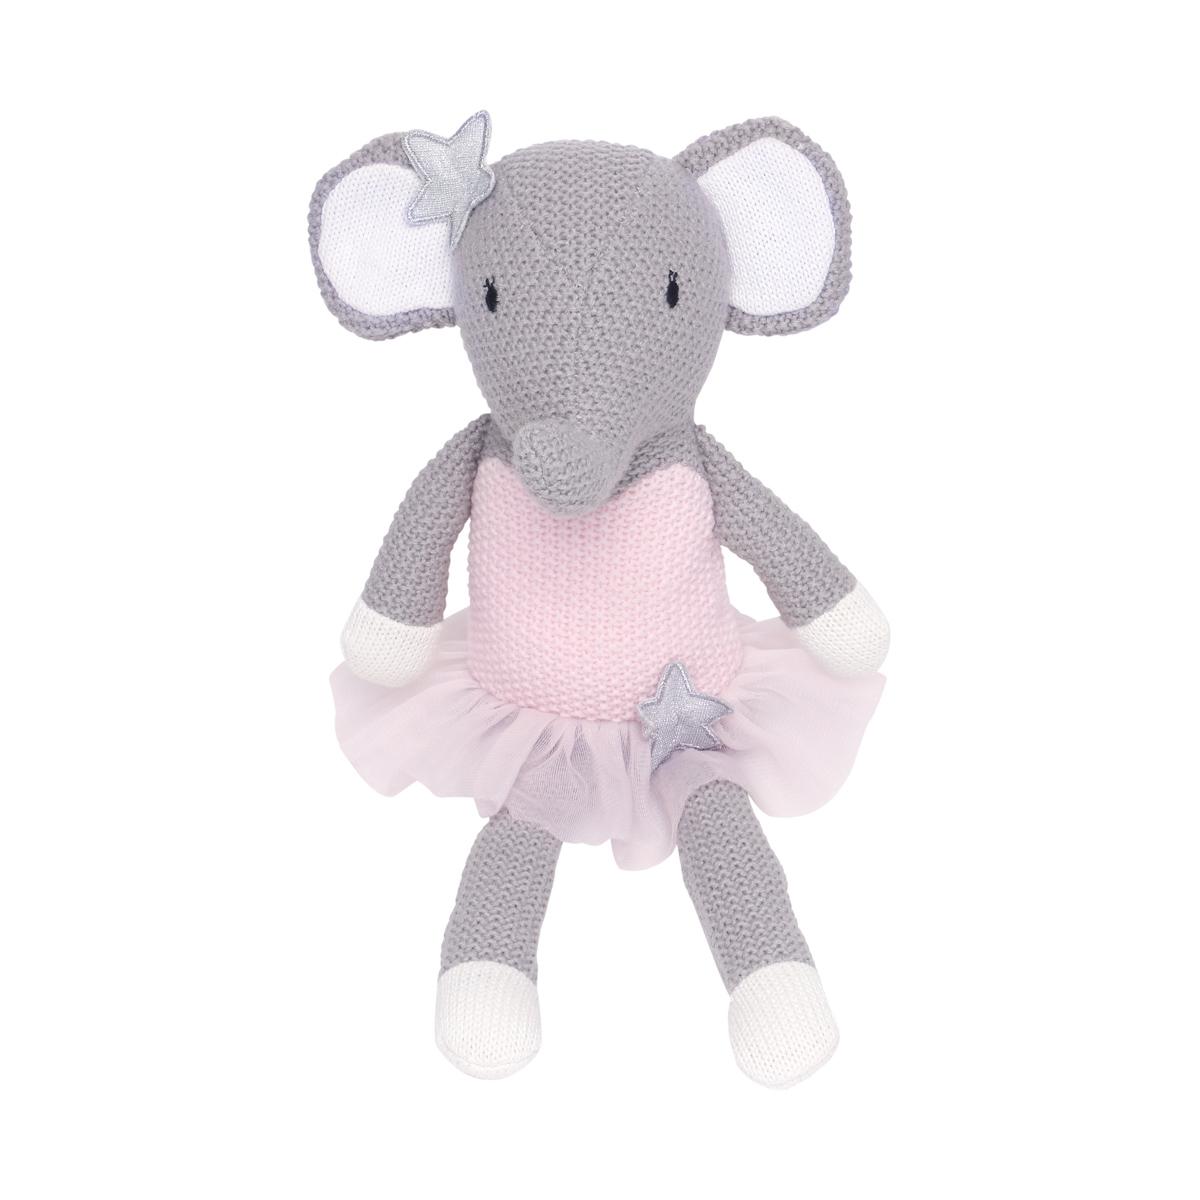 Pelúcia Sam & Peas Elly The Elephant